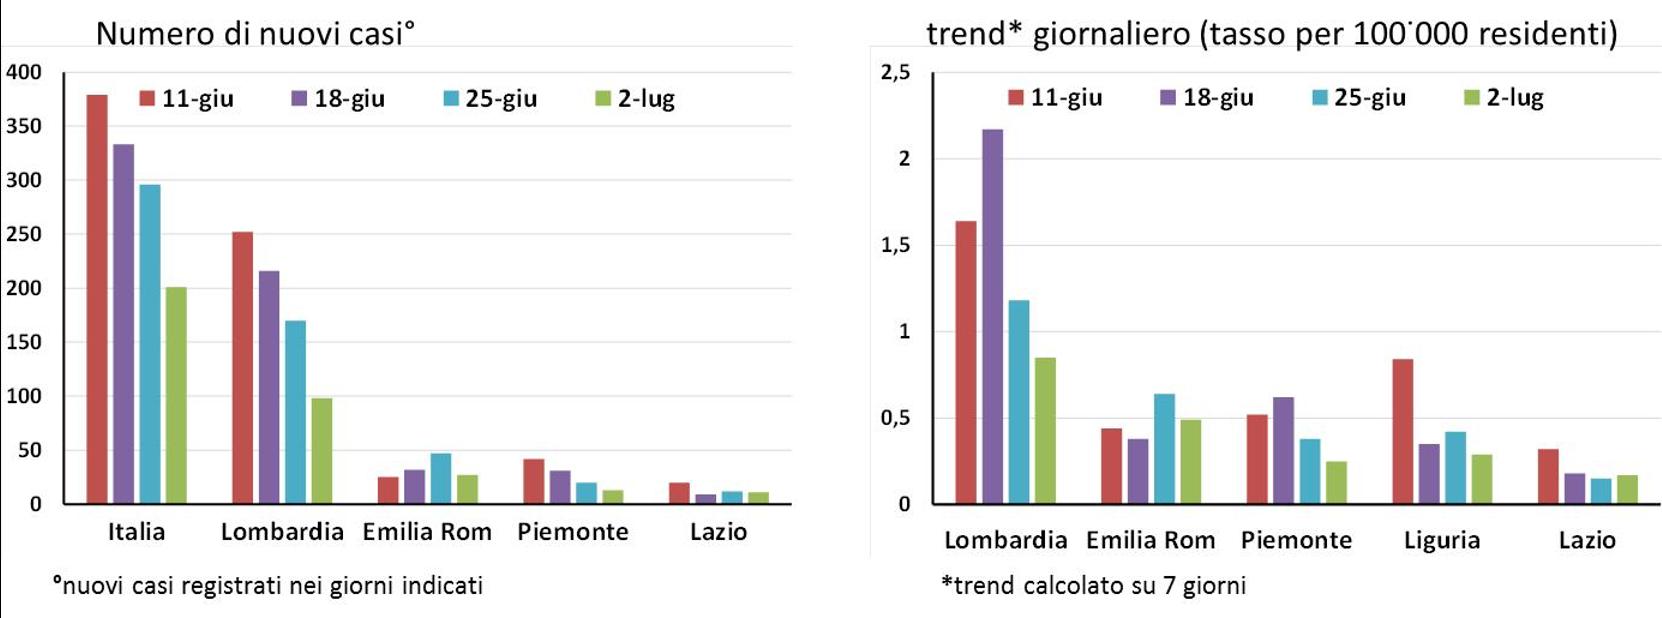 covid-19 trend